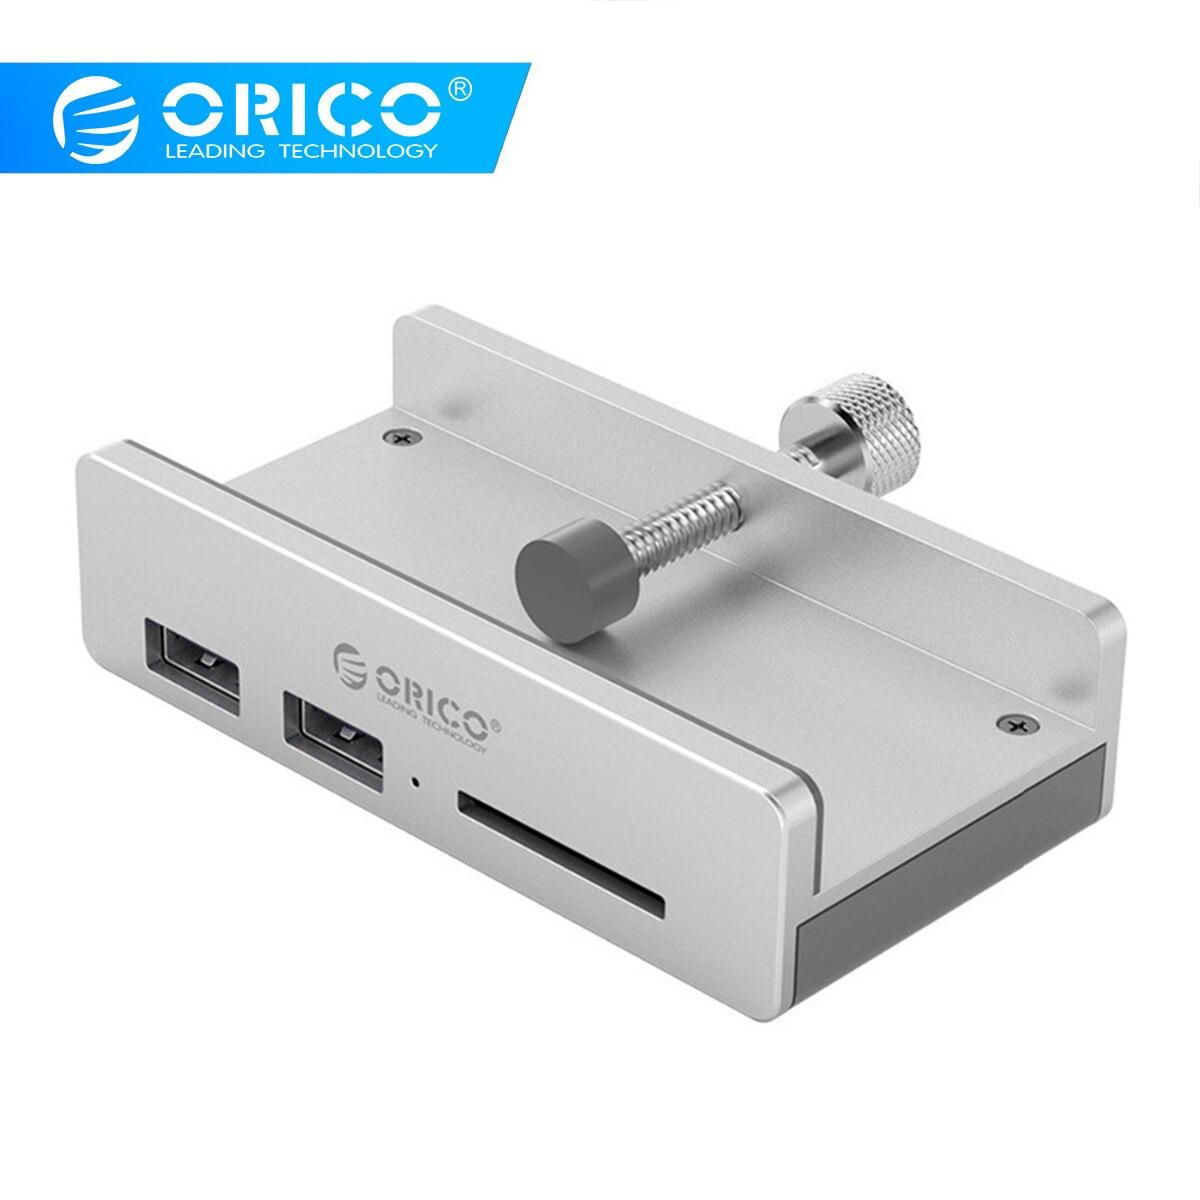 ORICO Clipe Design HUB USB 3.0 com Leitor de Cartão de Liga De Alumínio Clip-tipo 3 Portas de Alta Velocidade Hub Splitter para o Portátil Do Desktop